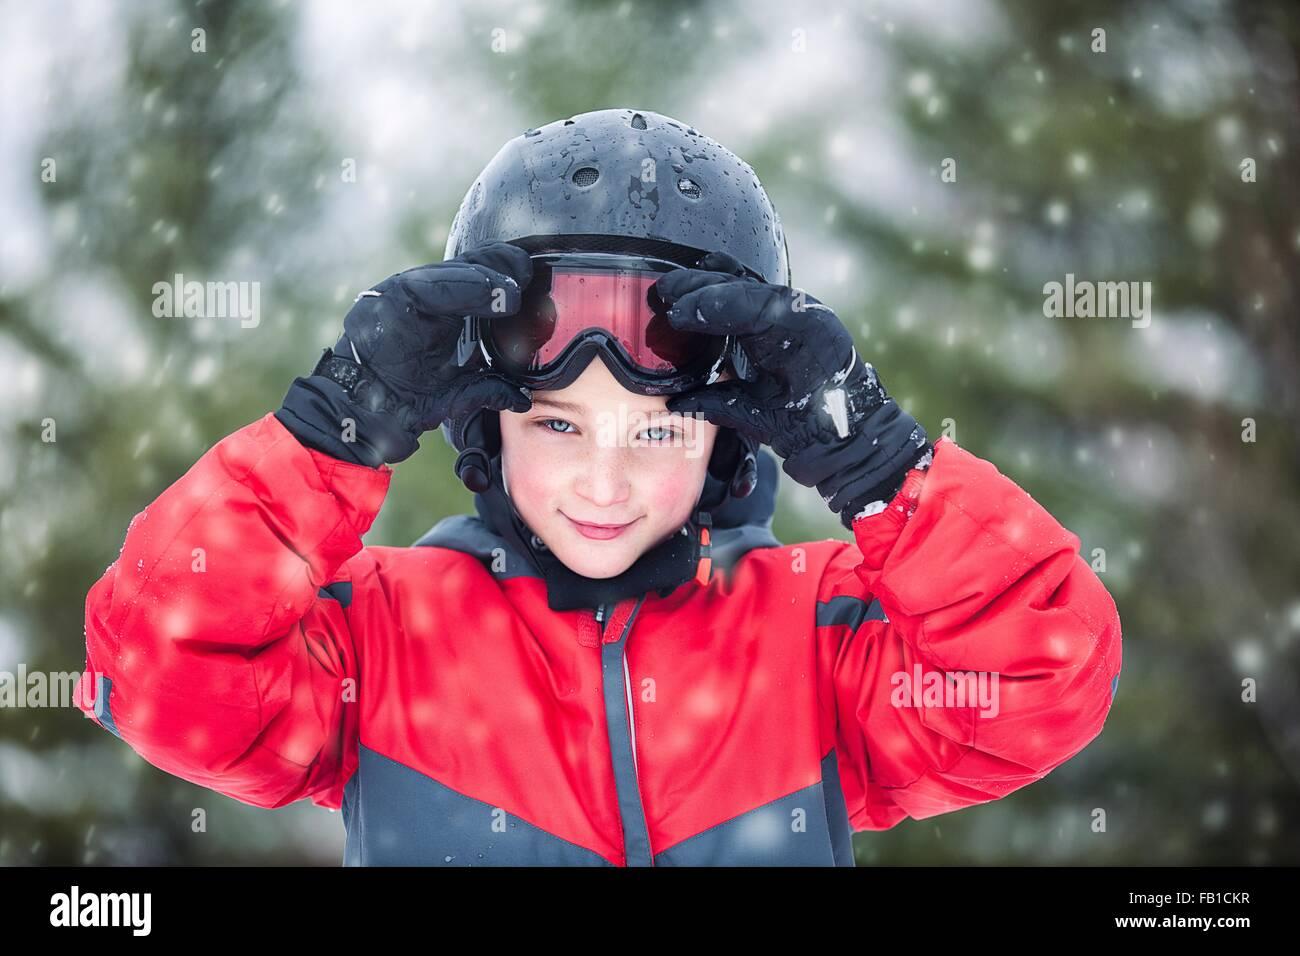 Junge Schutzbrille tragen Helm und Skifahren mit Blick auf die Kamera zu Lächeln, schneit Stockbild